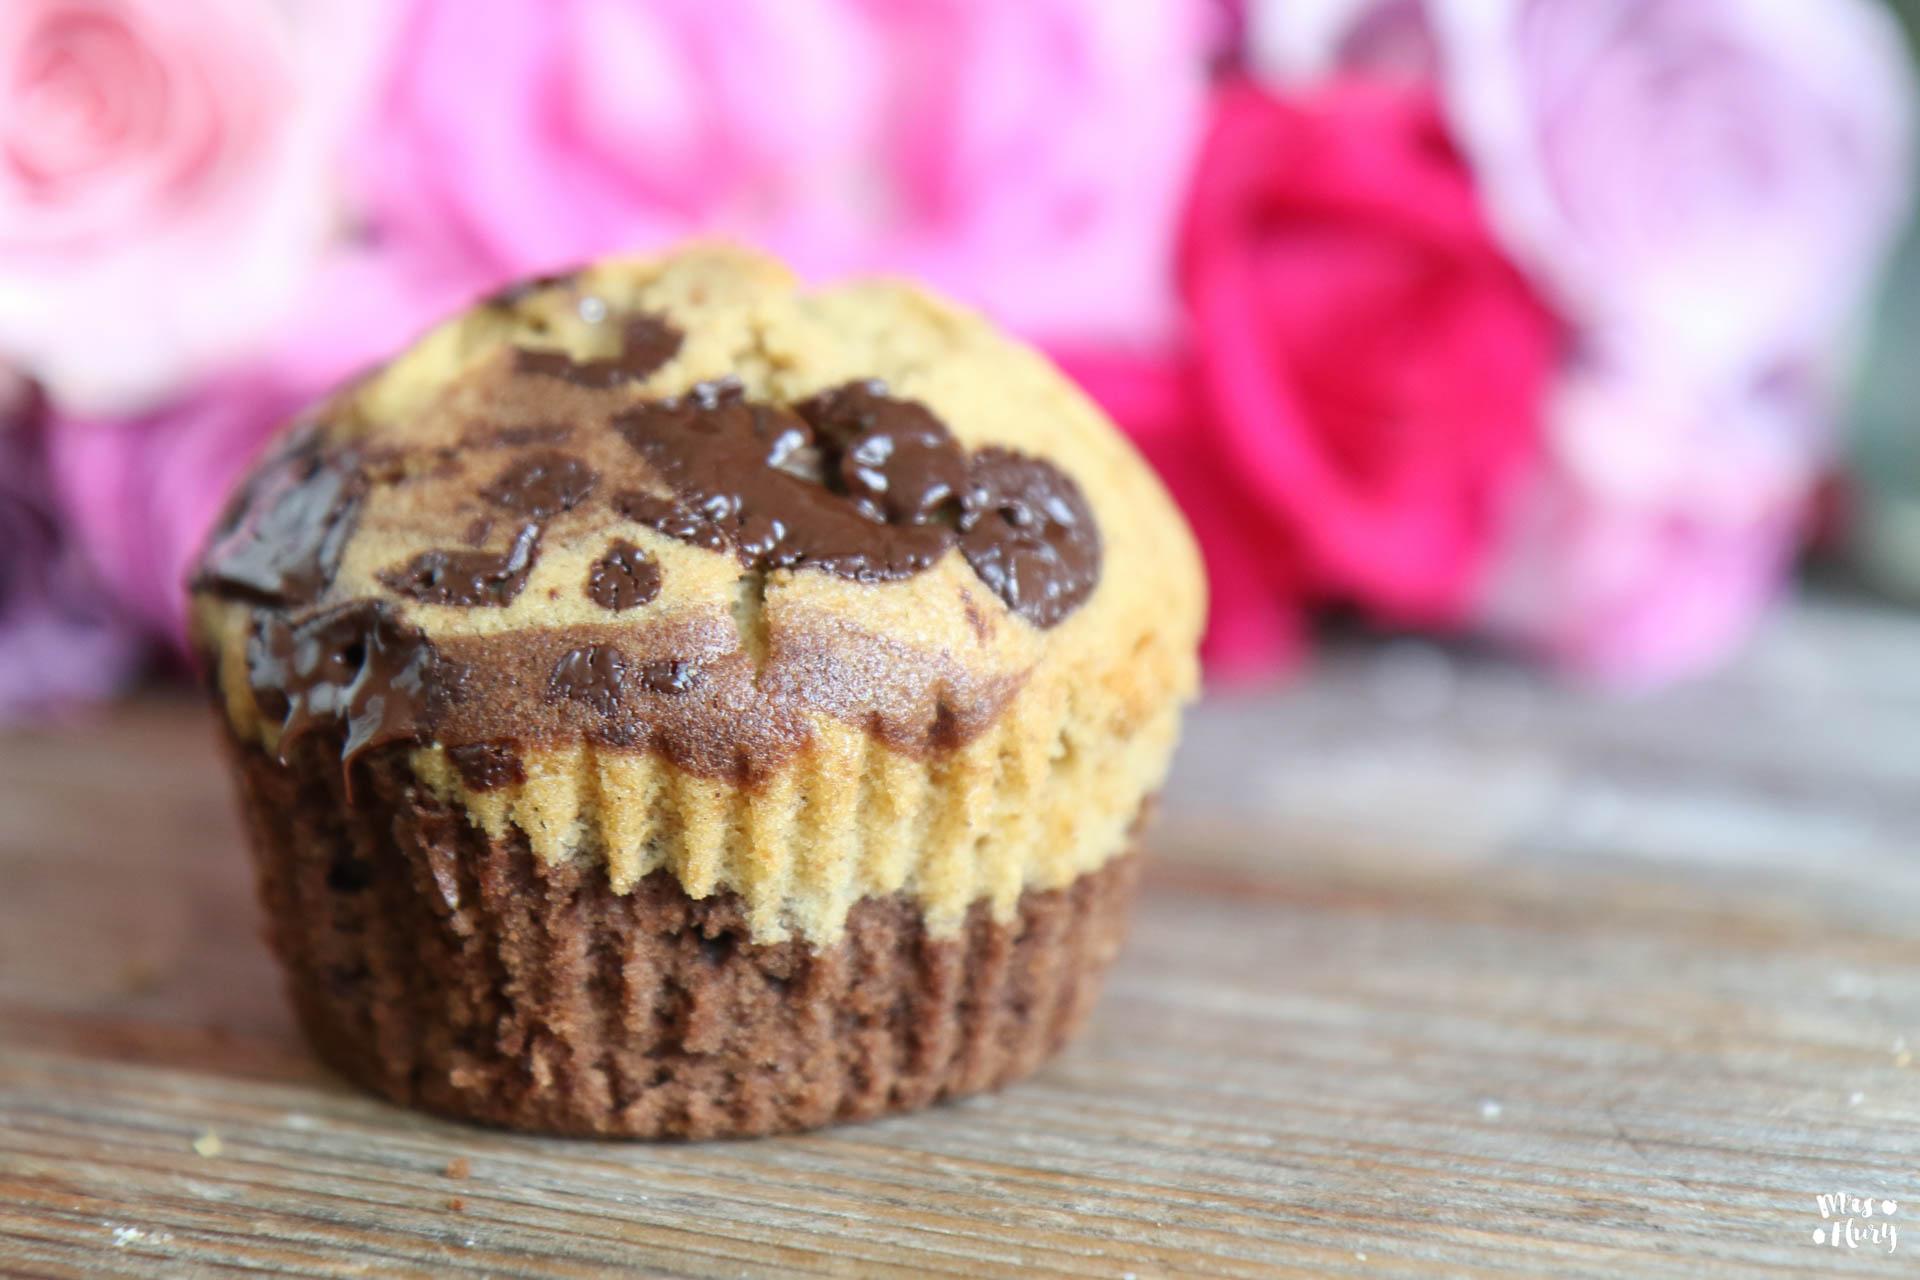 Marmor Muffins Backen - Perfekt Für Kinder - Mrs Flury über Muffin Rezept Kindergeburtstag Einfach